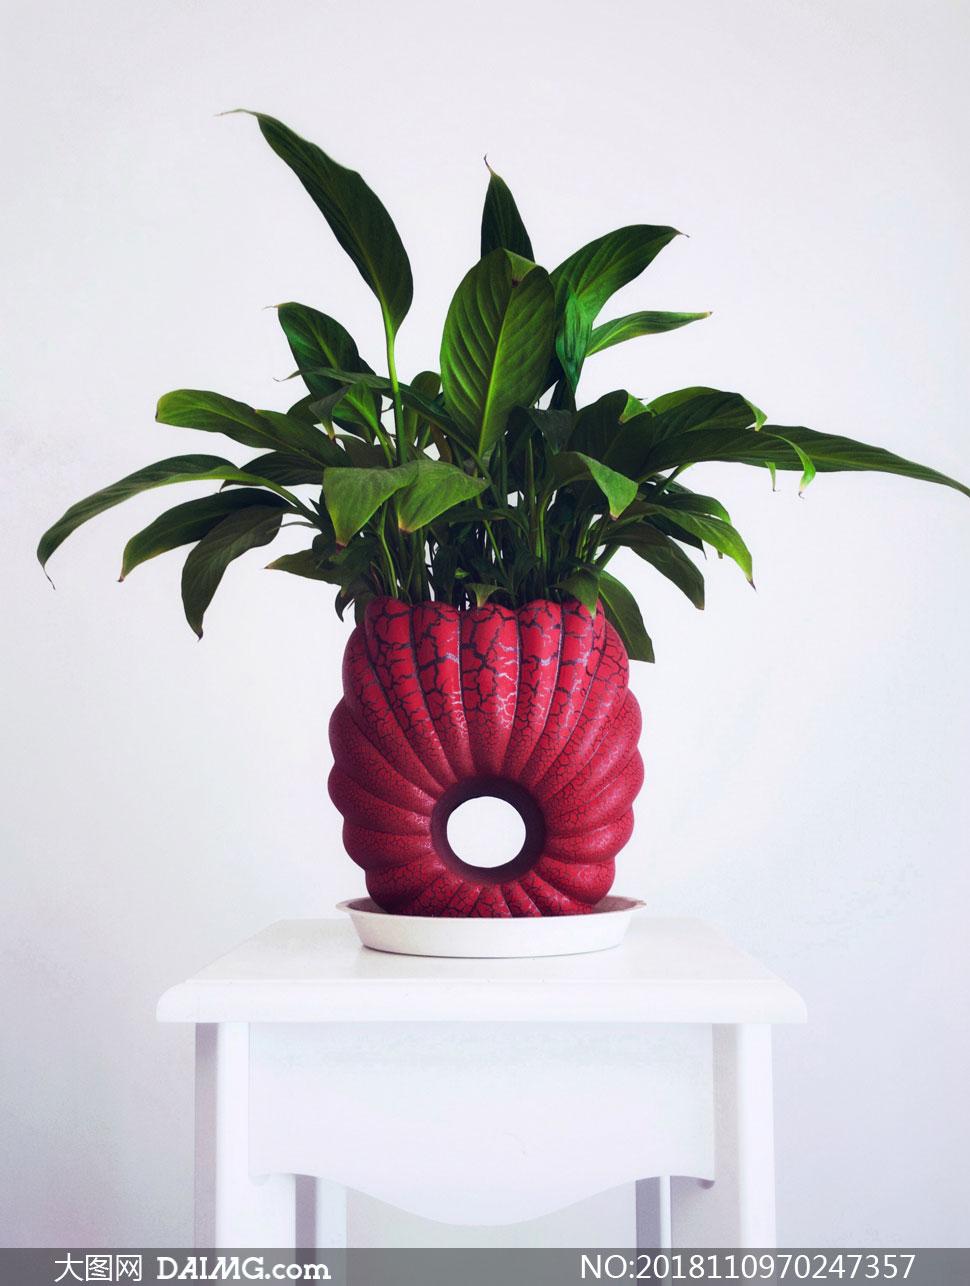 红色花盆中的绿叶植物摄影高清图片